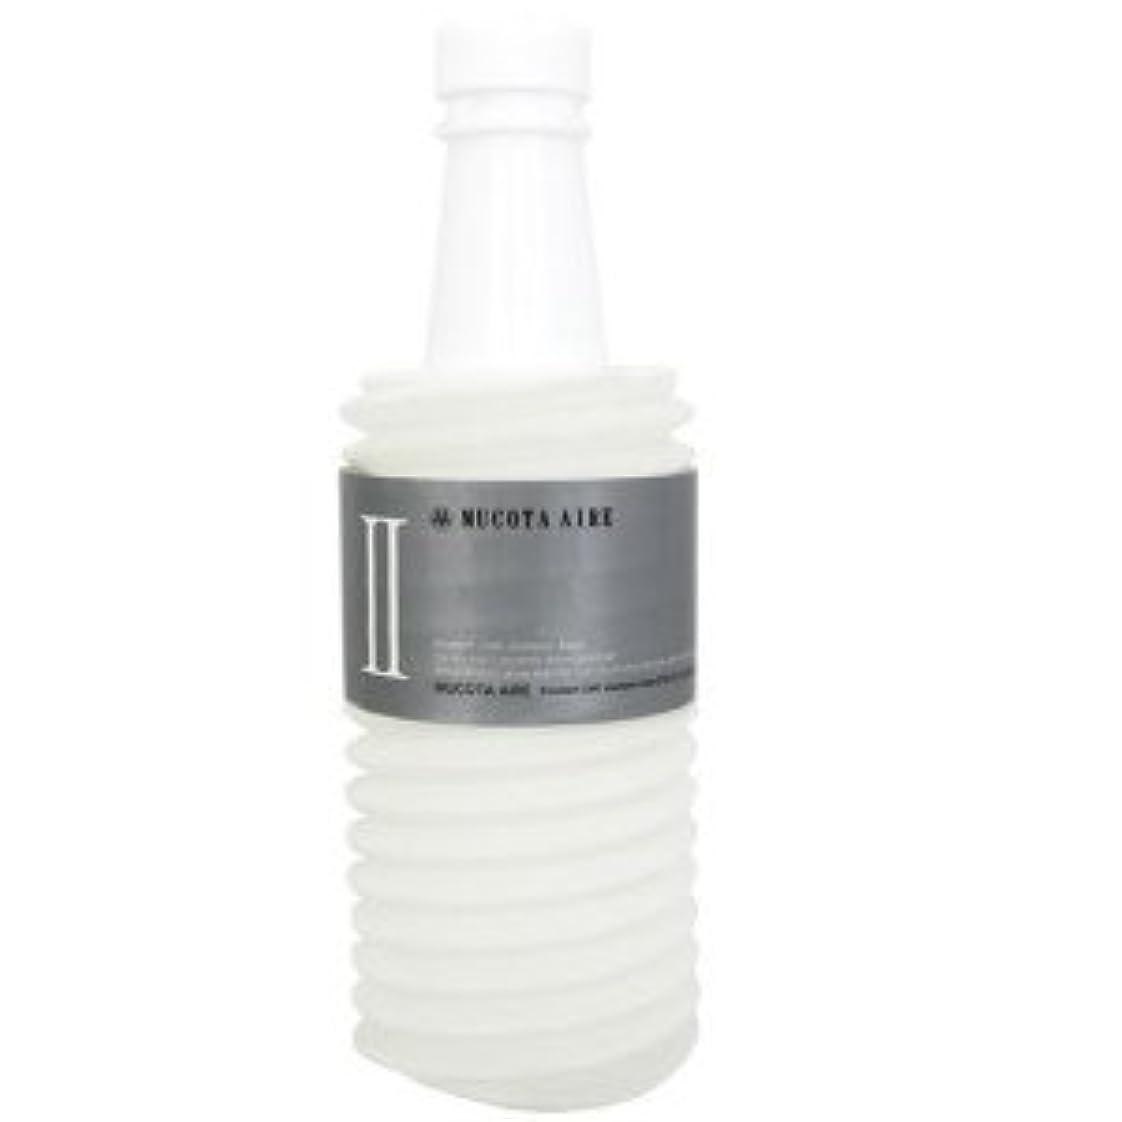 電球合成コーデリアムコタ アデューラ アイレ02 エモリエントCMCシャンプー アクア 700ml(レフィル)